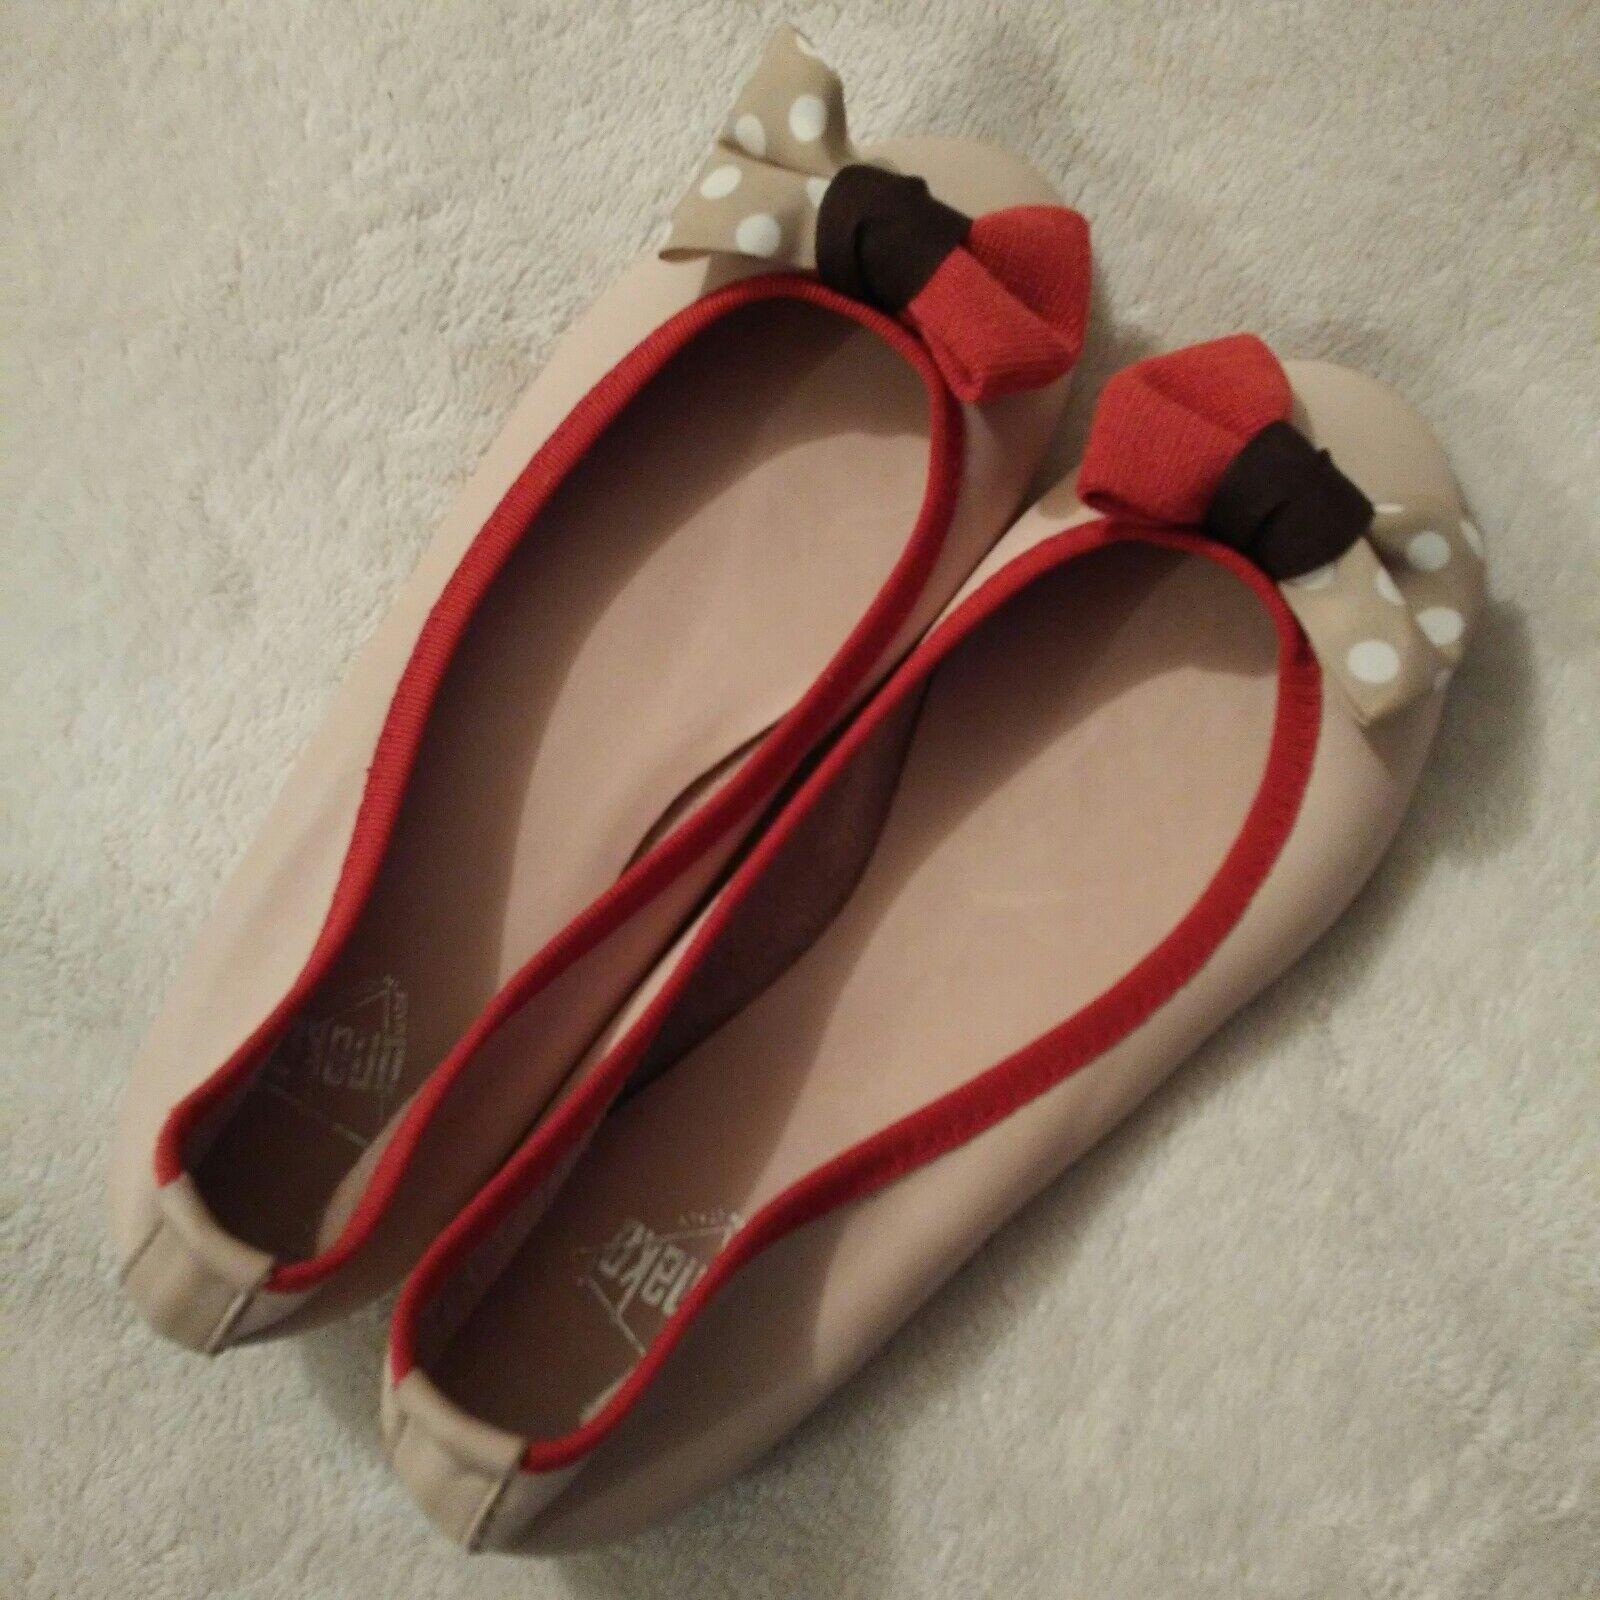 Onako Italy Italy Onako ballet bow flat sz 38 774cd4